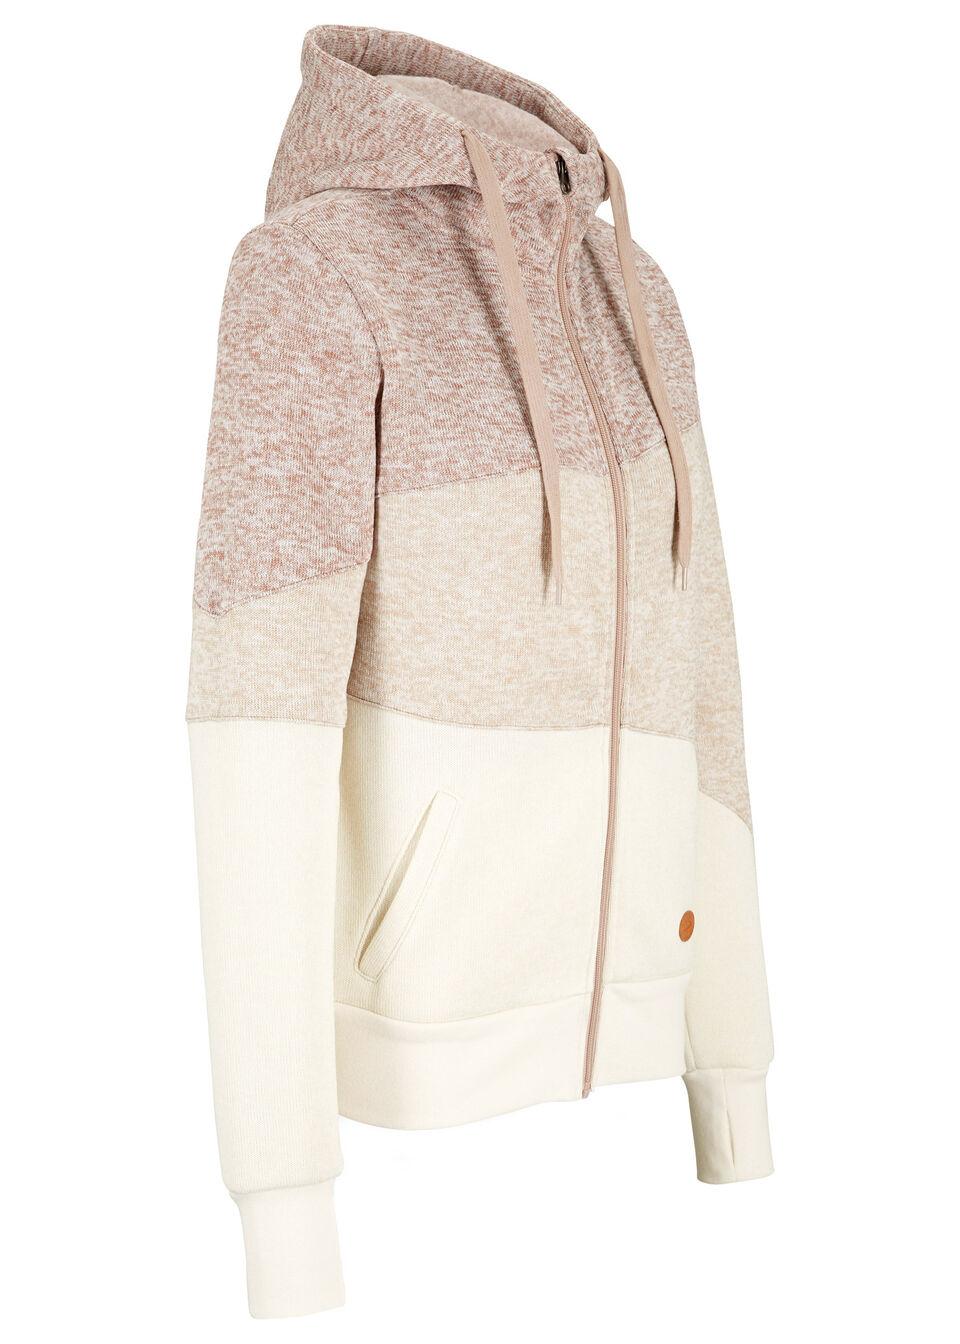 Bluza rozpinana z polaru z poliestru z recyklingu, długi rękaw bonprix beżowy